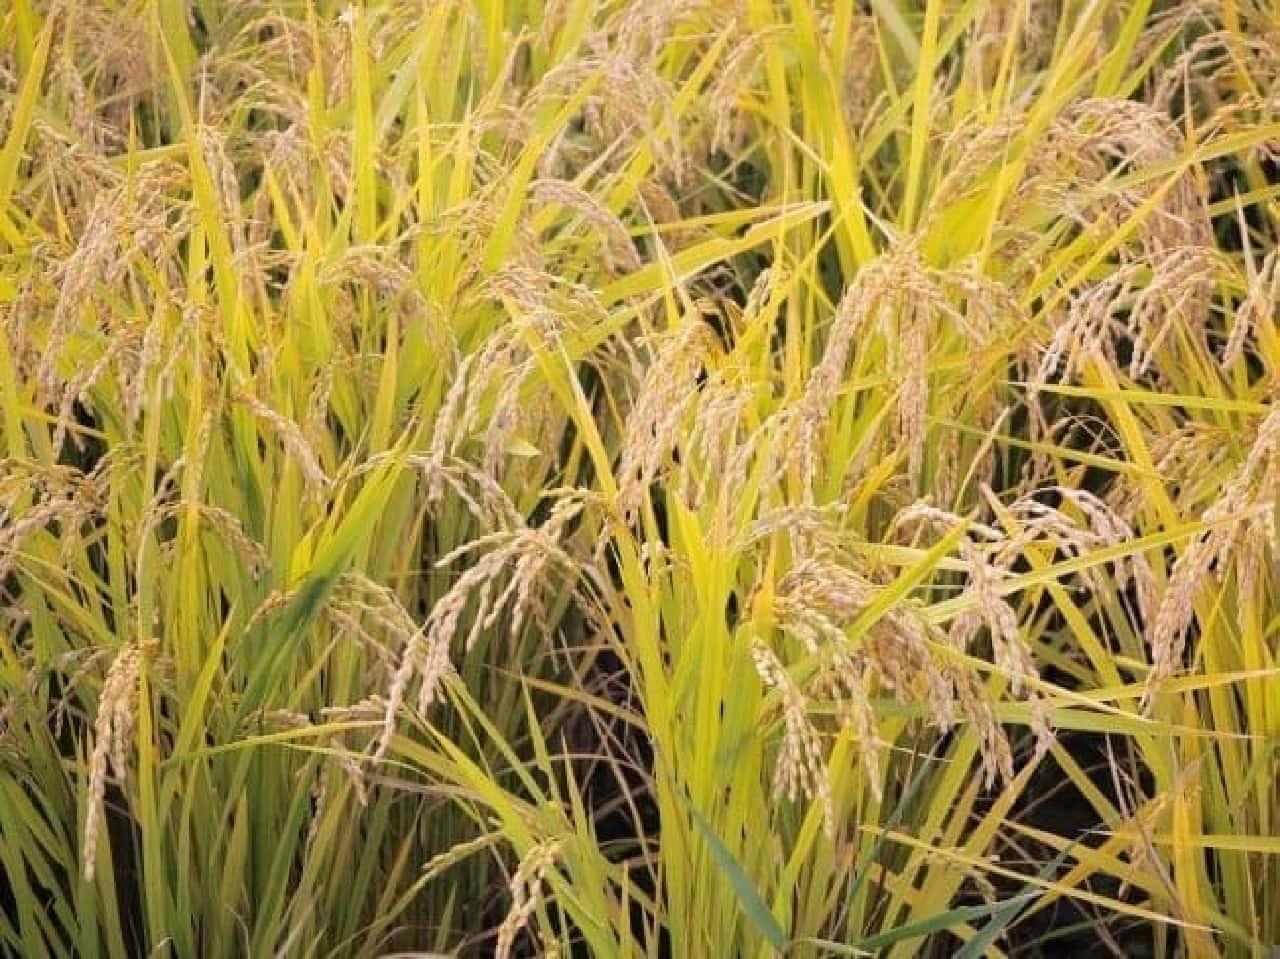 純庄内の田んぼと稲